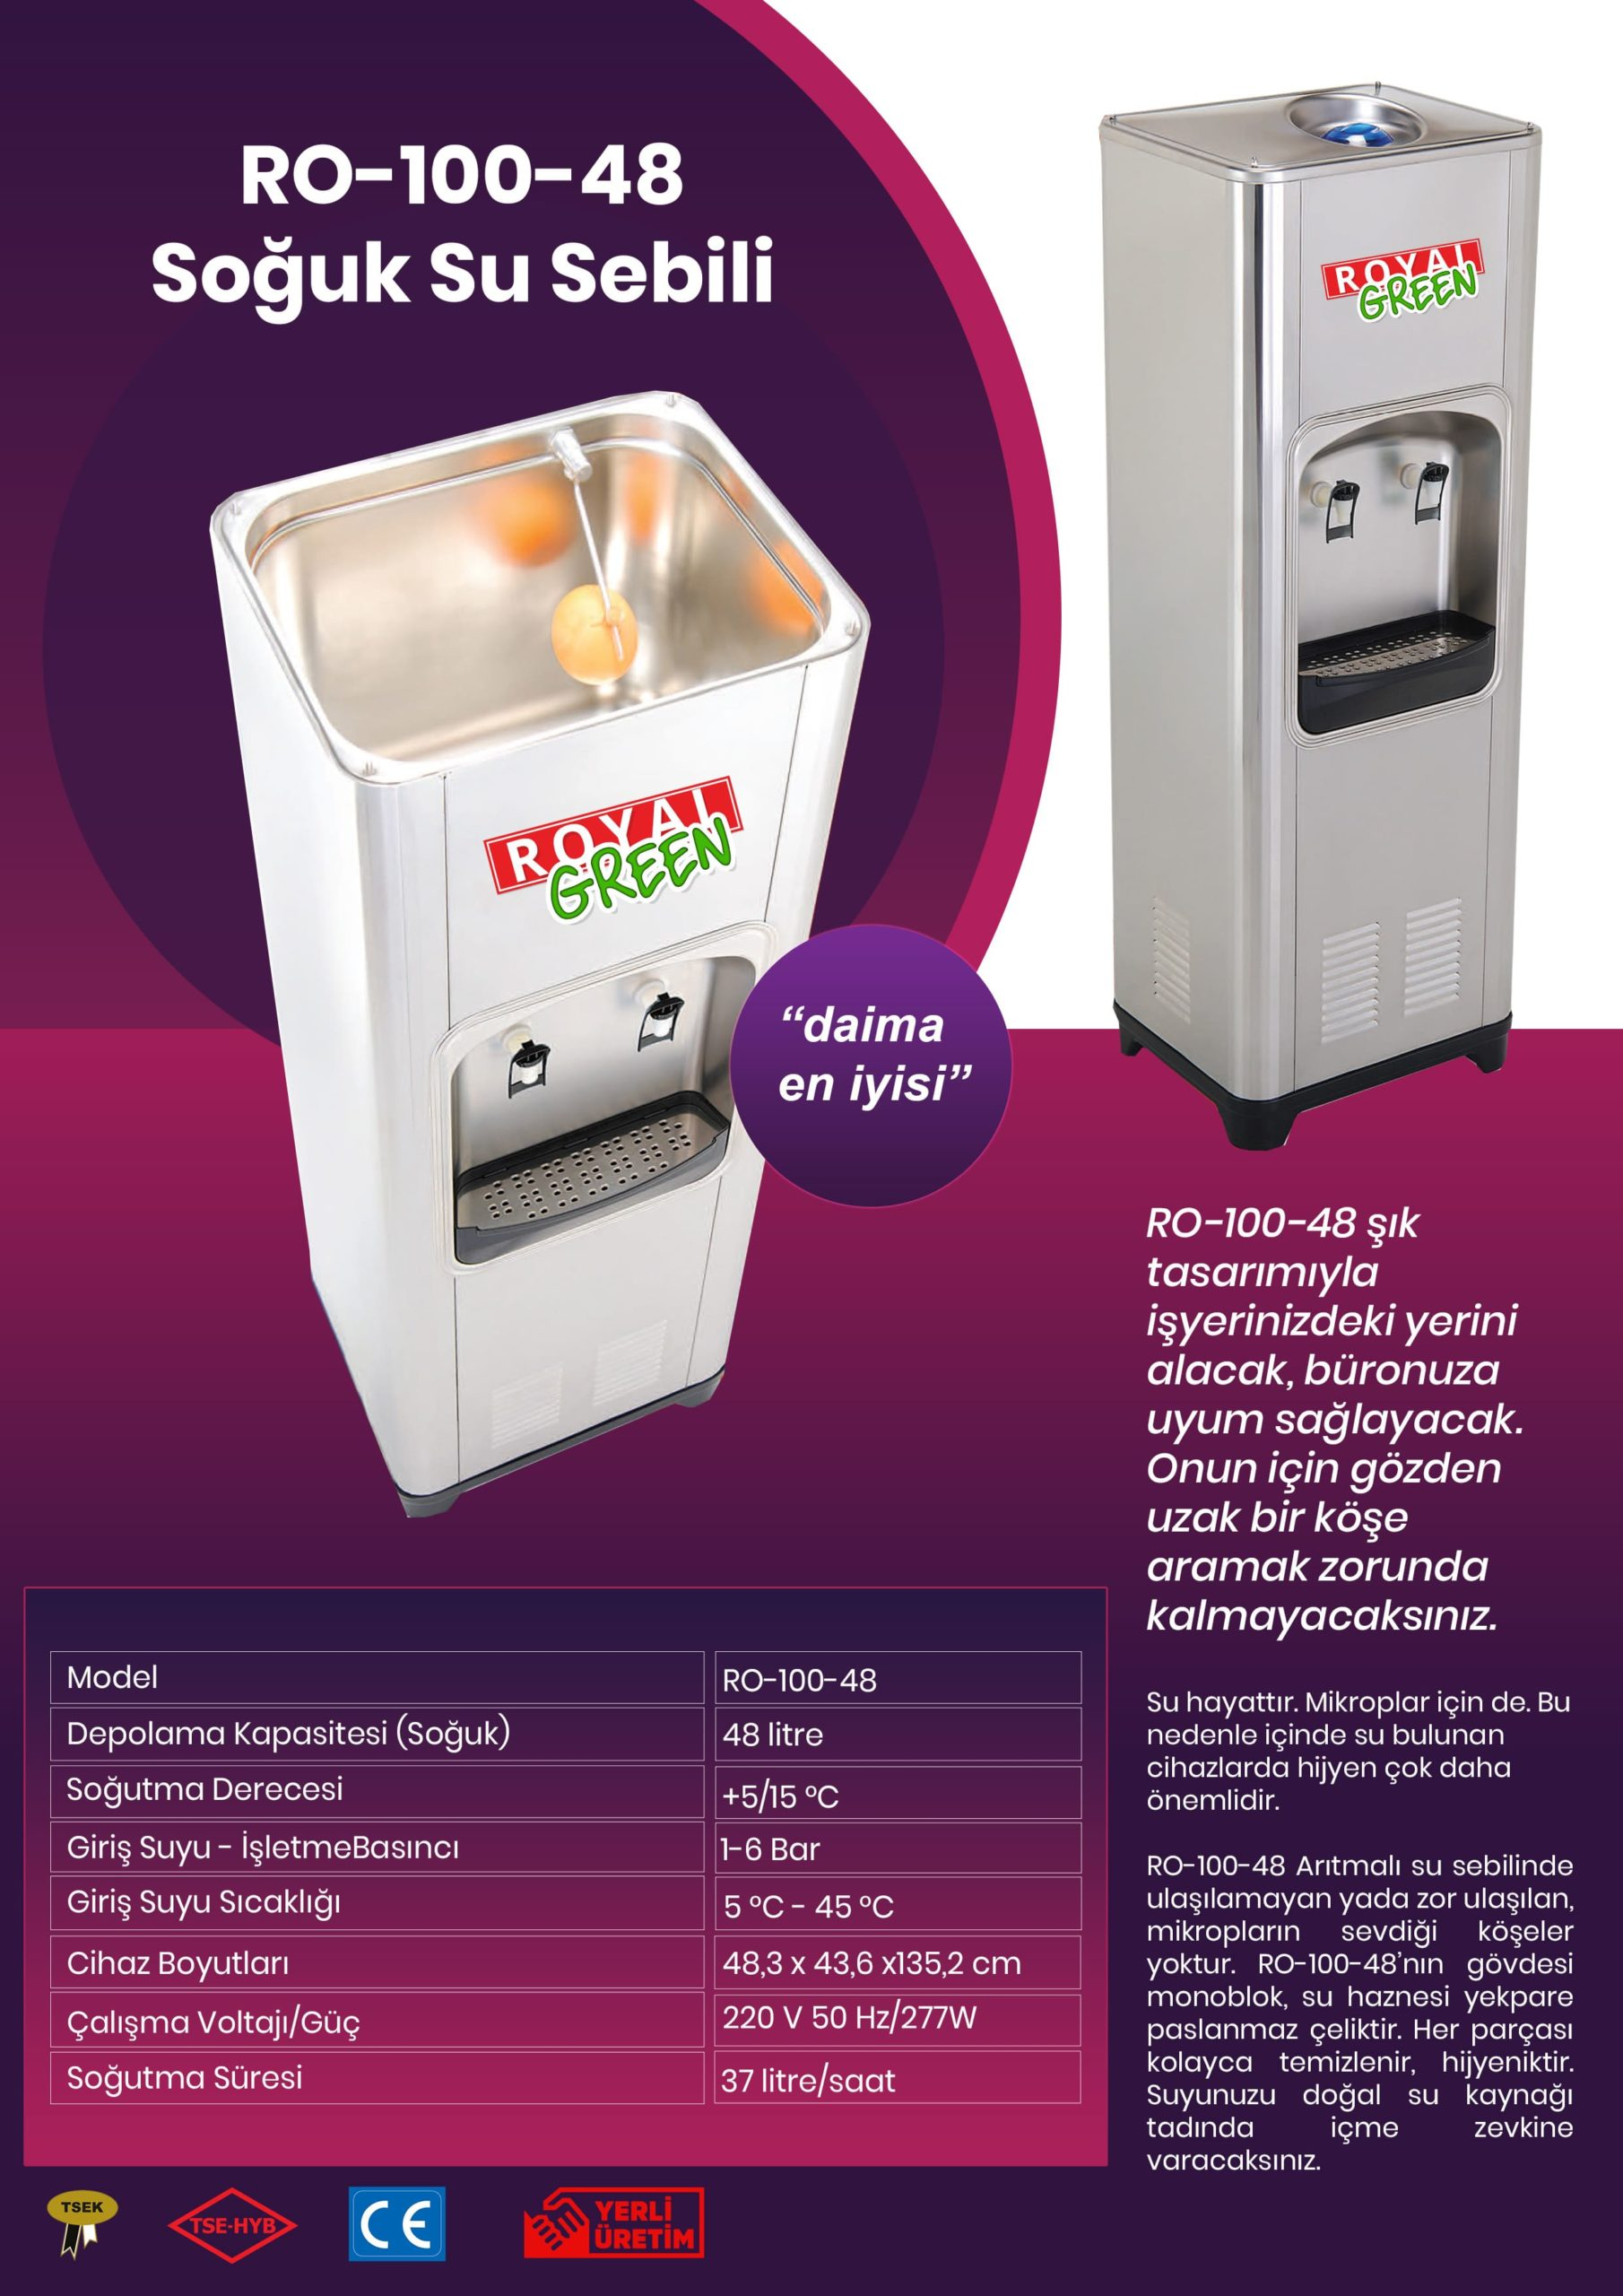 RO-100-48 Arıtmalı Soğuk Su Sebili